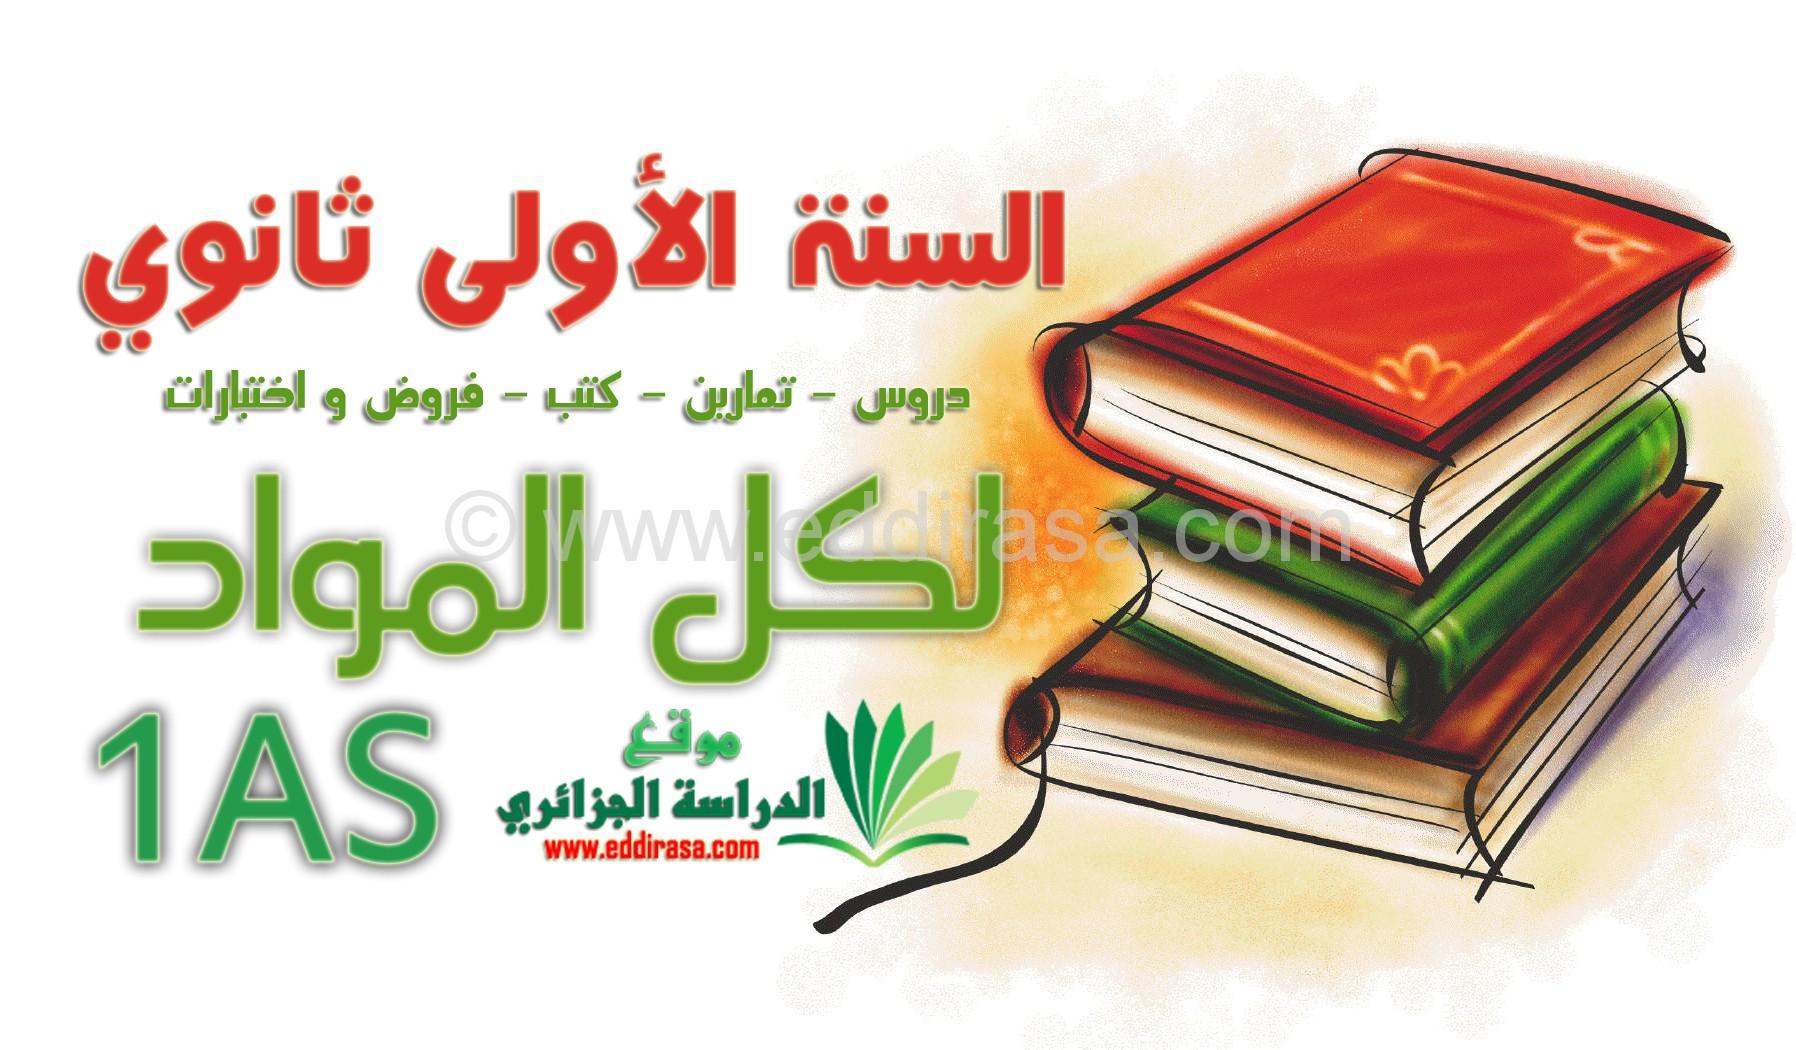 السنة الأولى ثانوي موقع الدراسة الجزائري